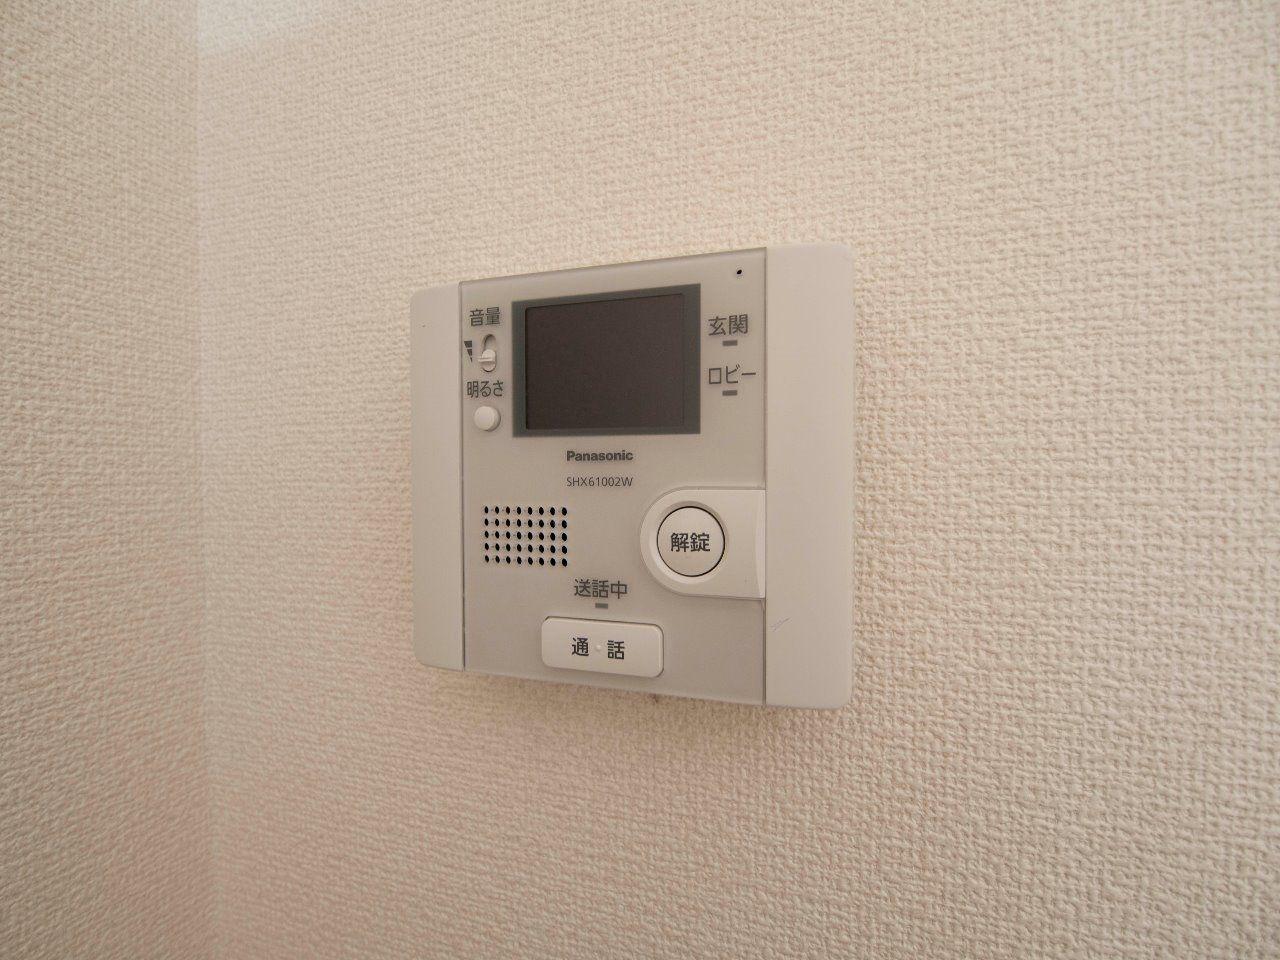 オートロック操作盤も兼ねたインターホン受話器